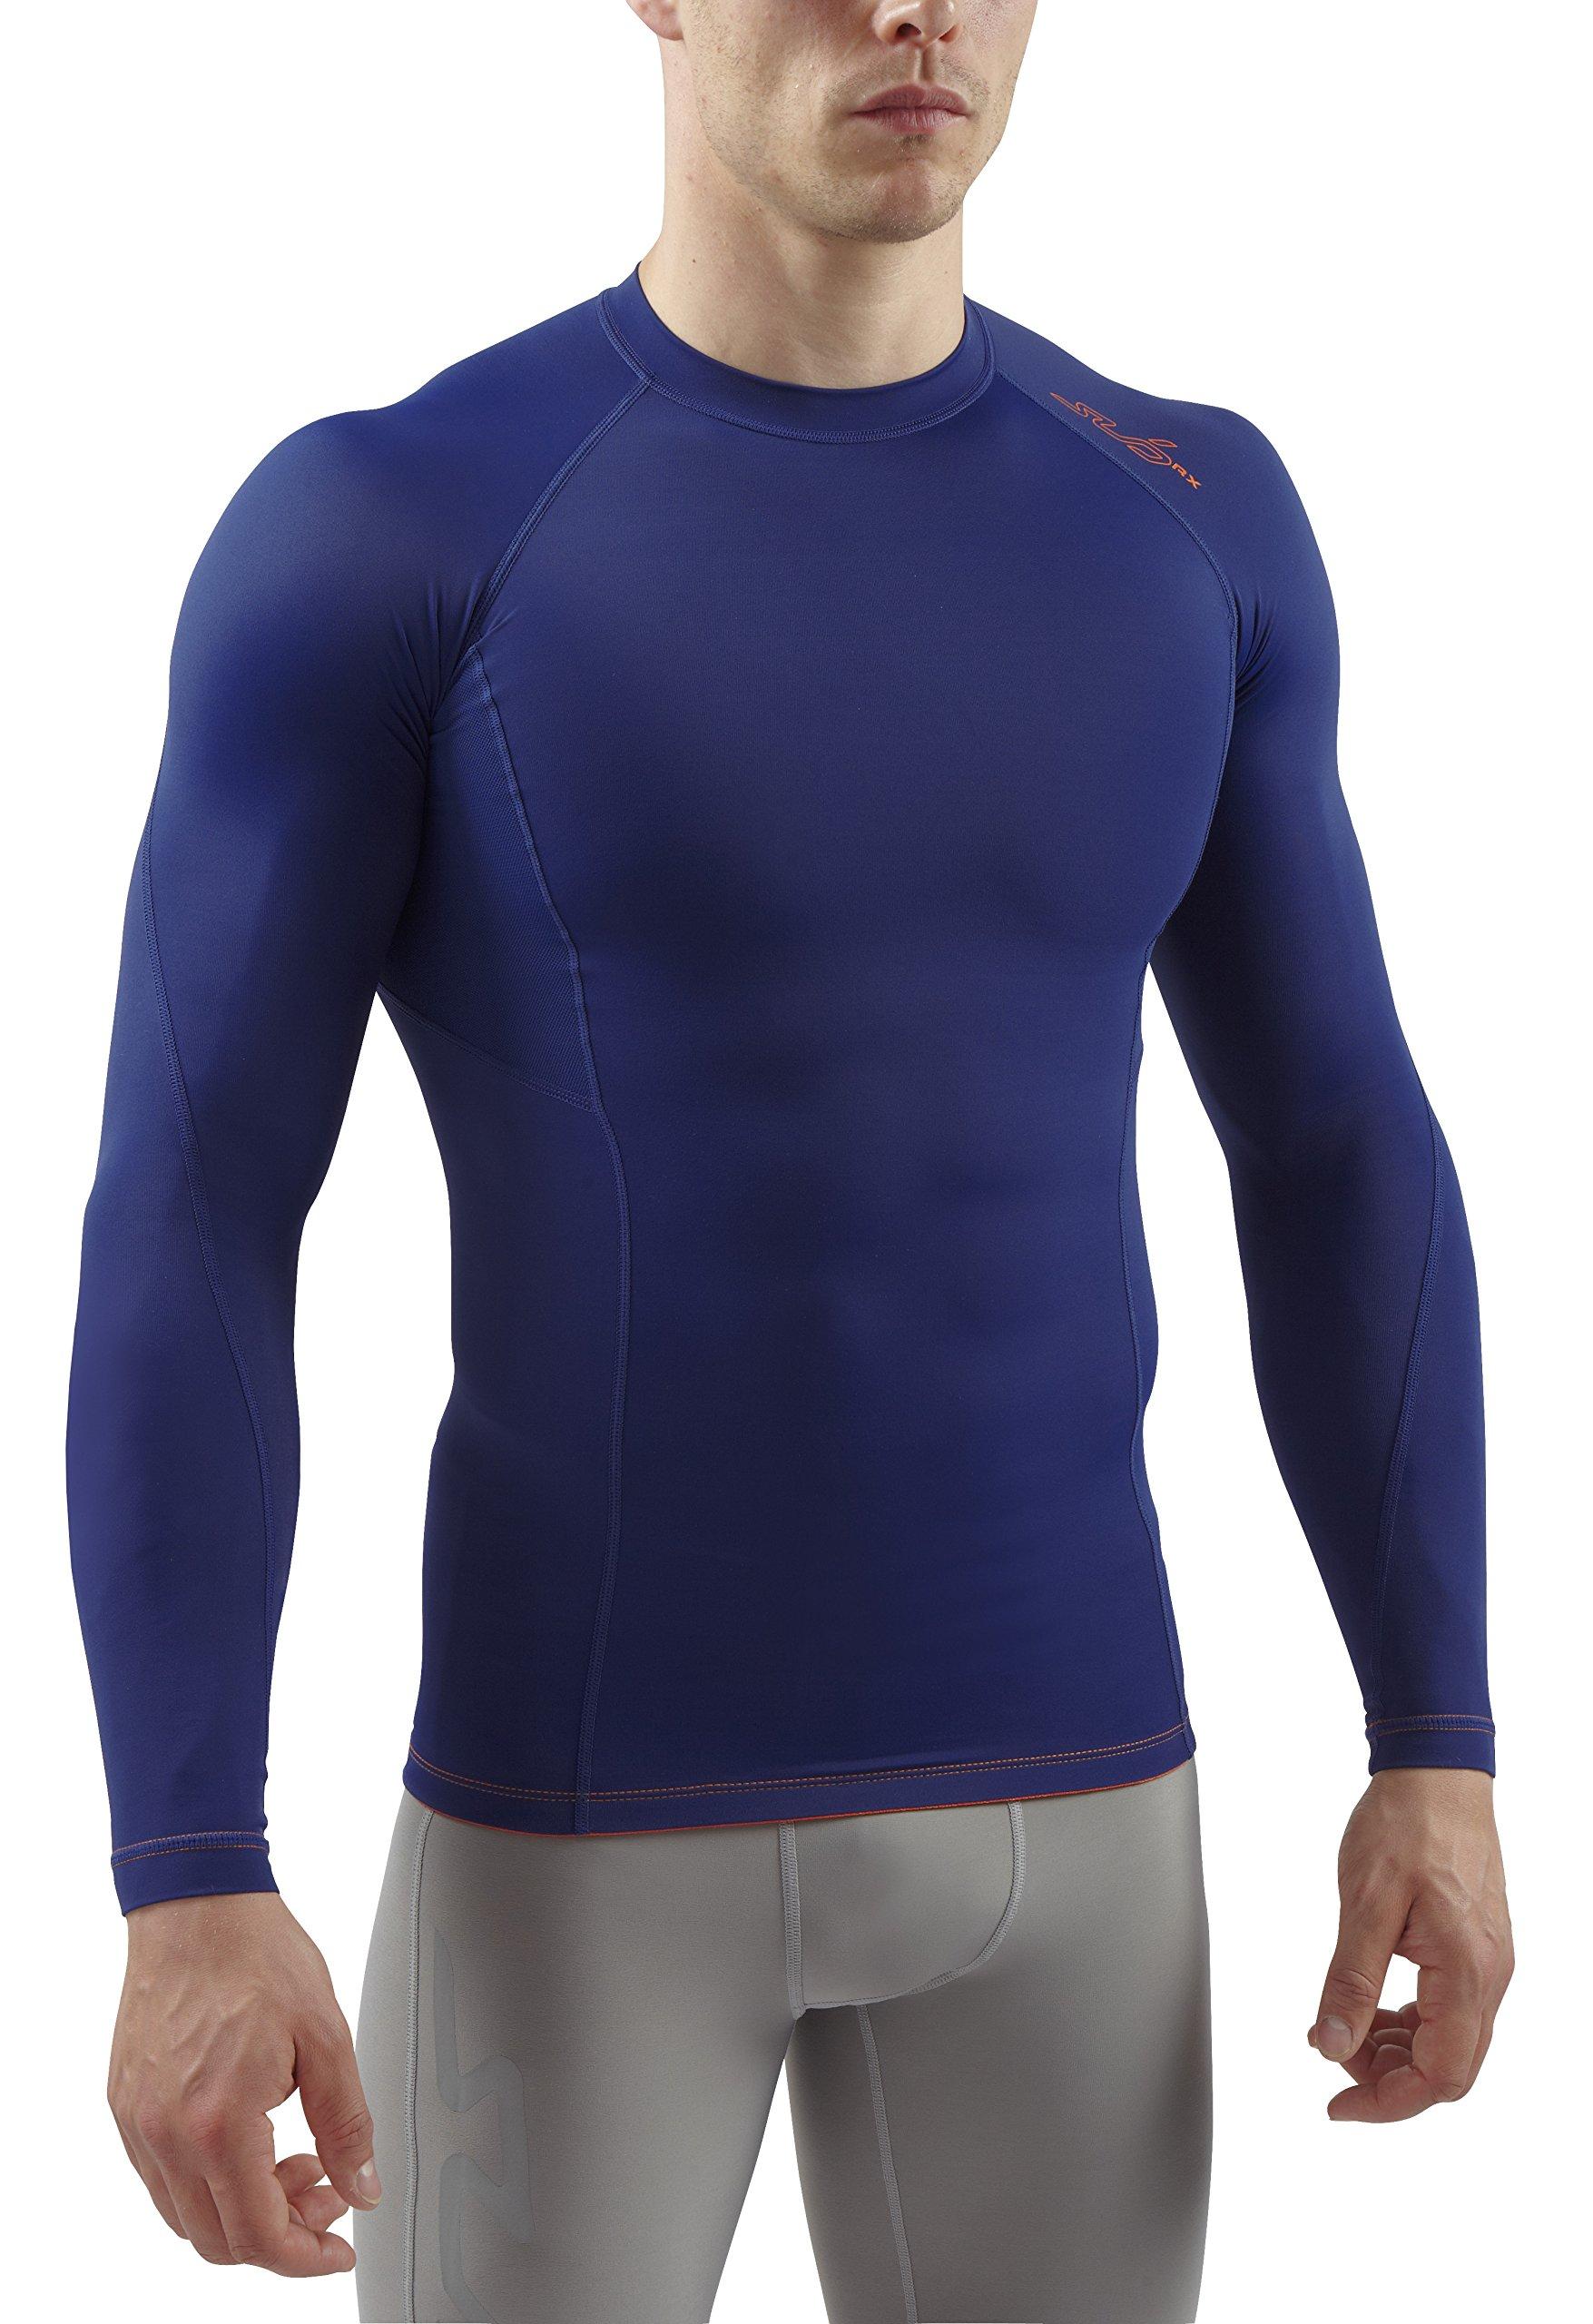 Sub Sports RX Herren Kompressionsoberteil – Funktionsunterhemd, Langarm 1